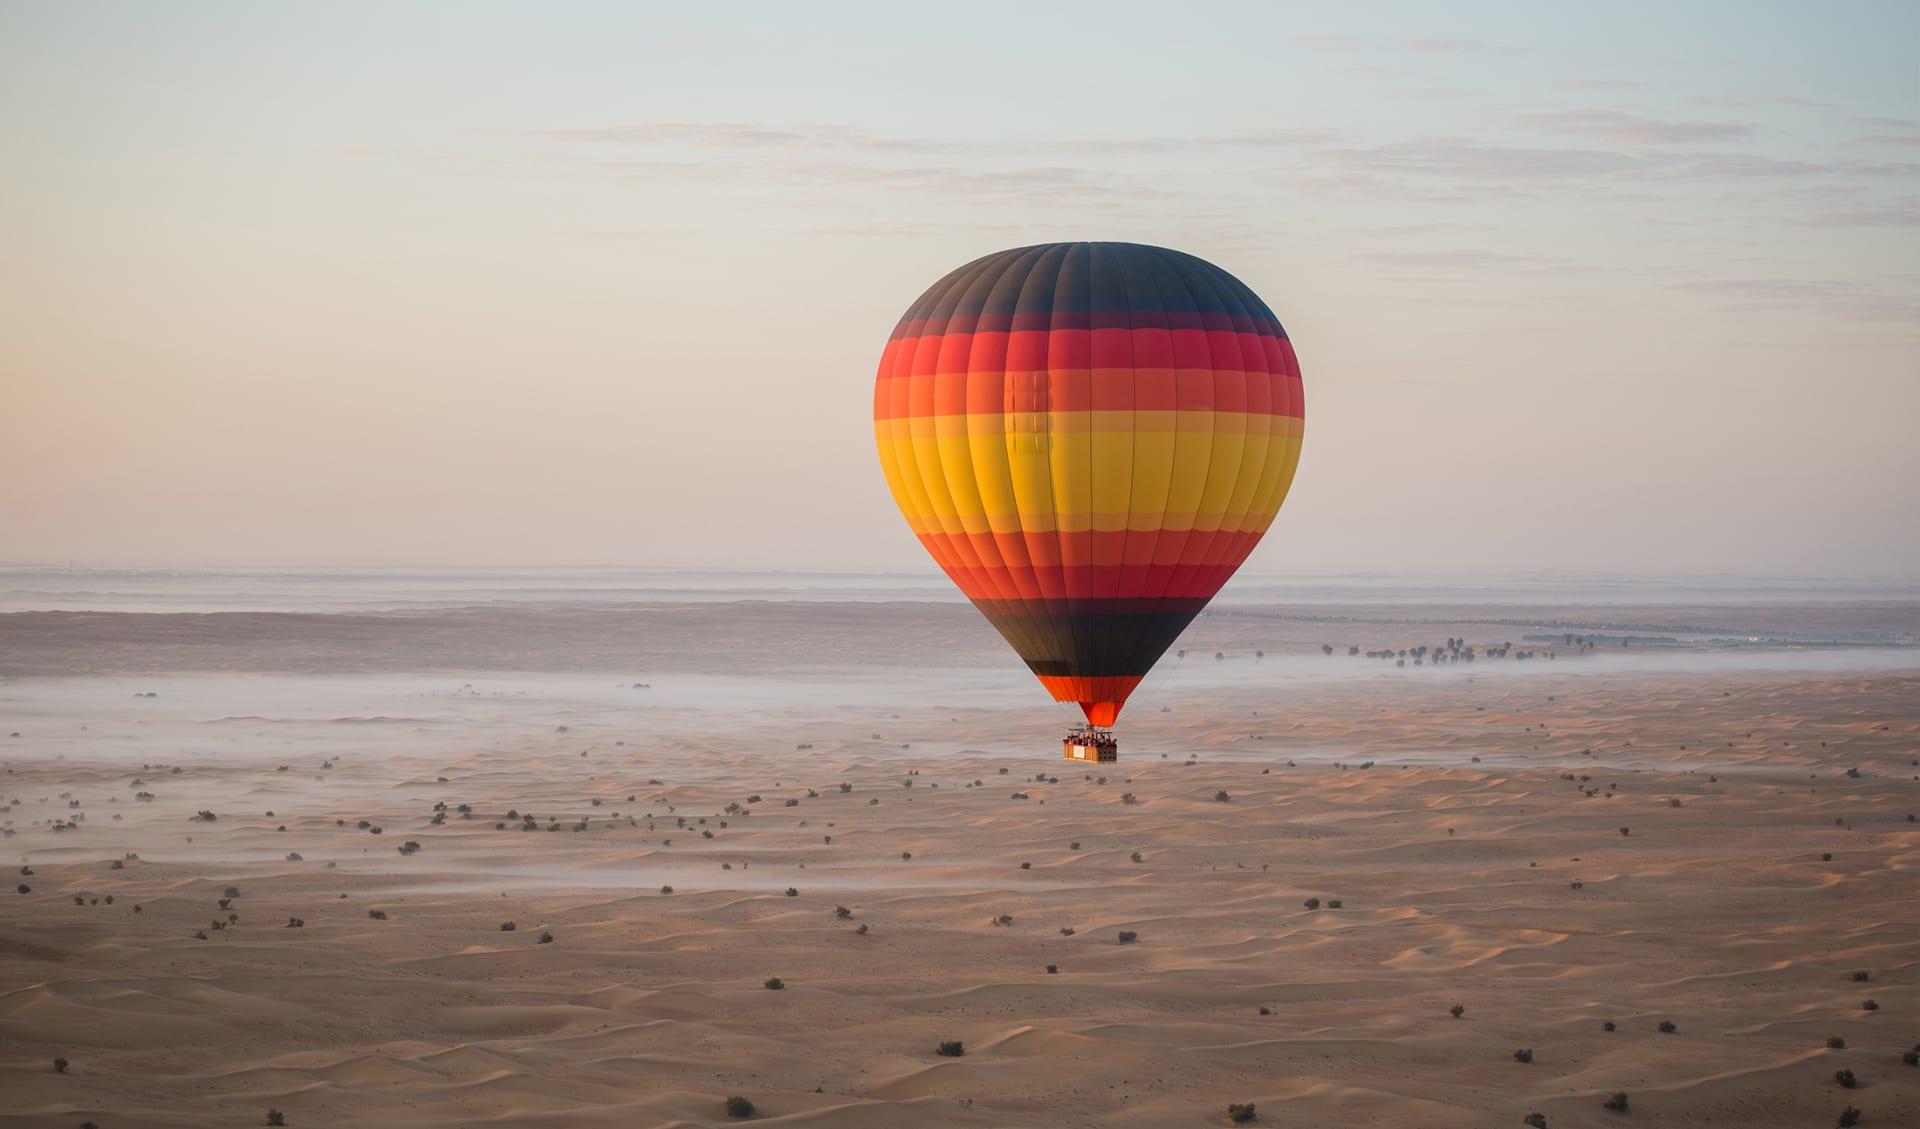 Luftballon in der Wüste, Oman